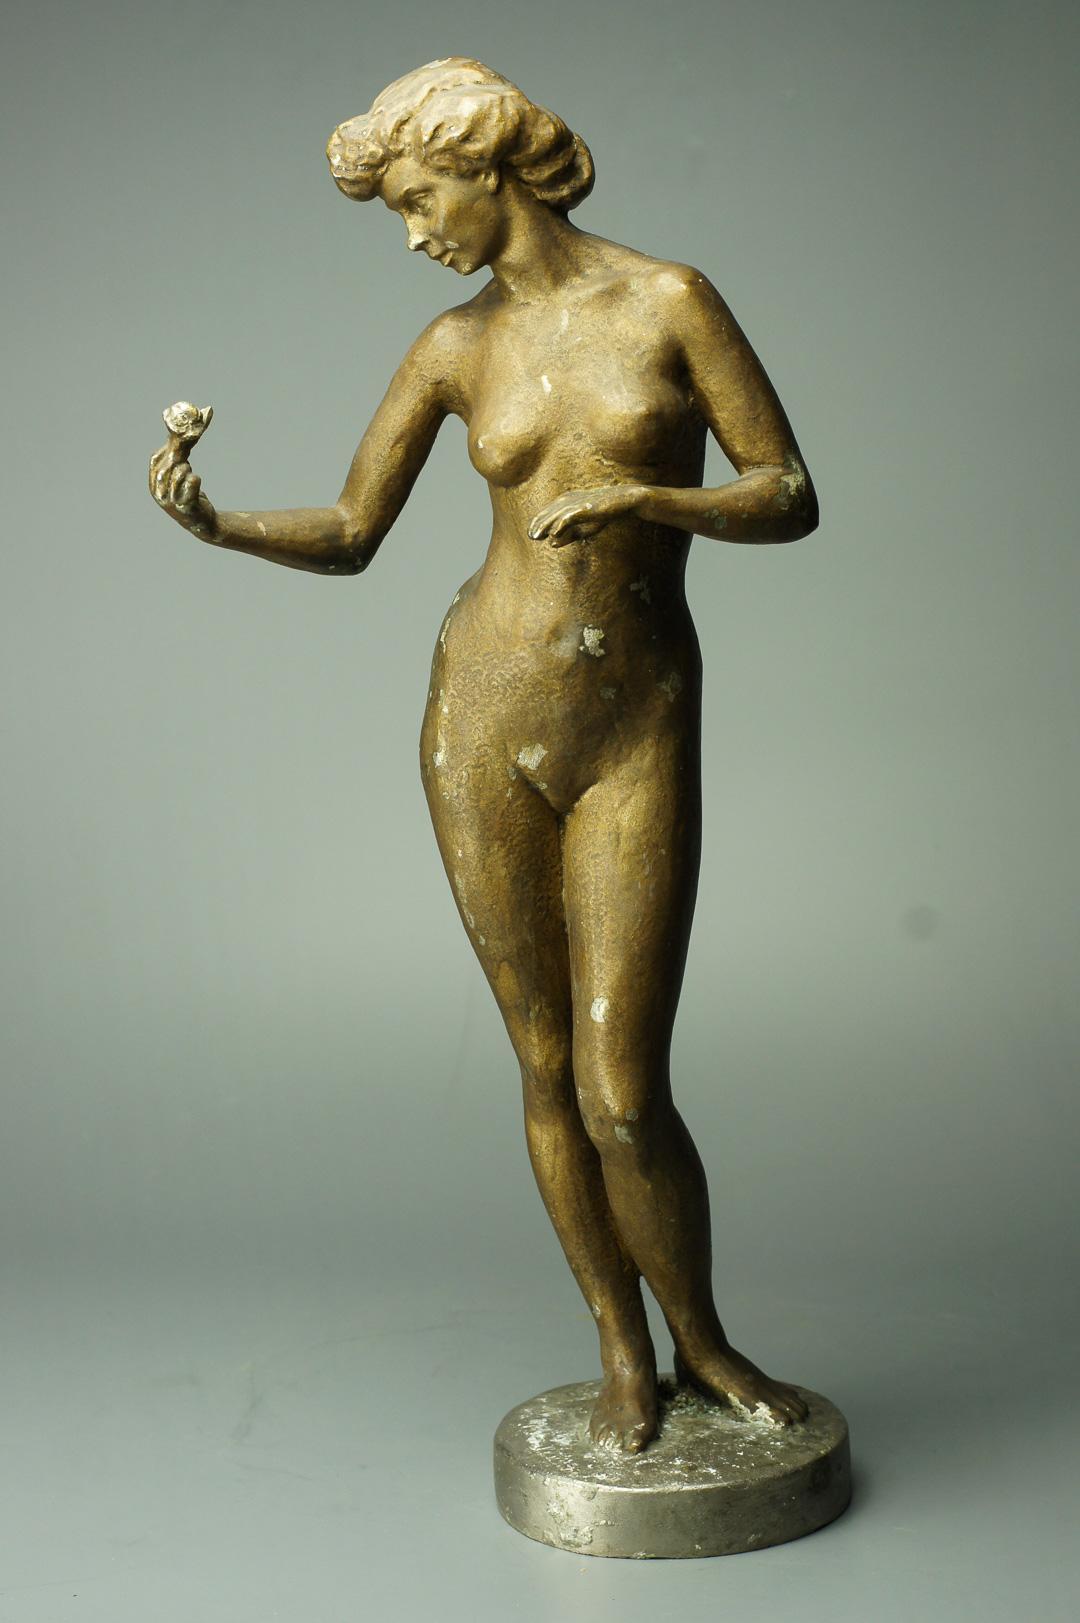 Скульптура Обнаженная, авторская